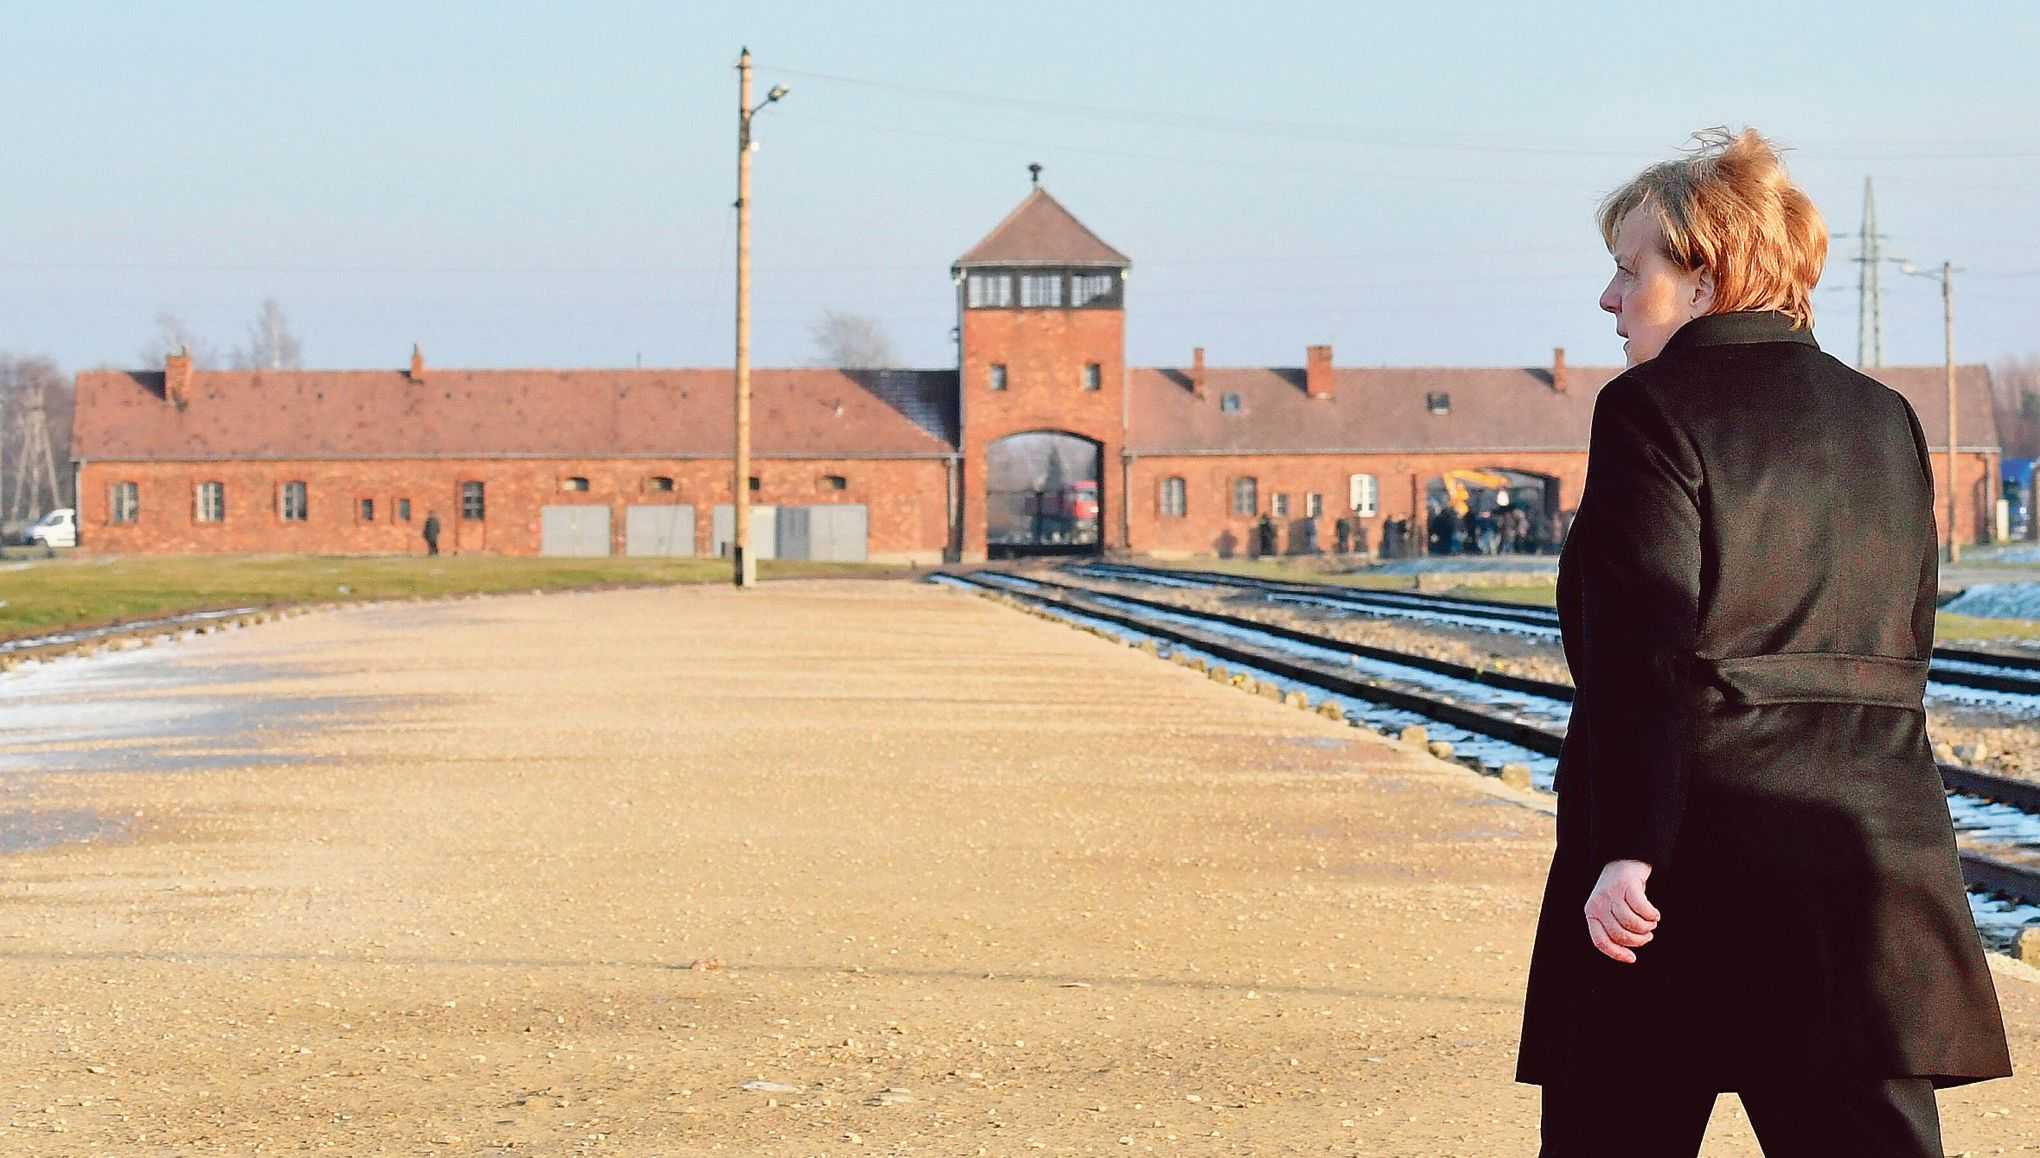 Merkel à Auschwitz: «Se souvenirdes crimes, nommer leurs auteurs»